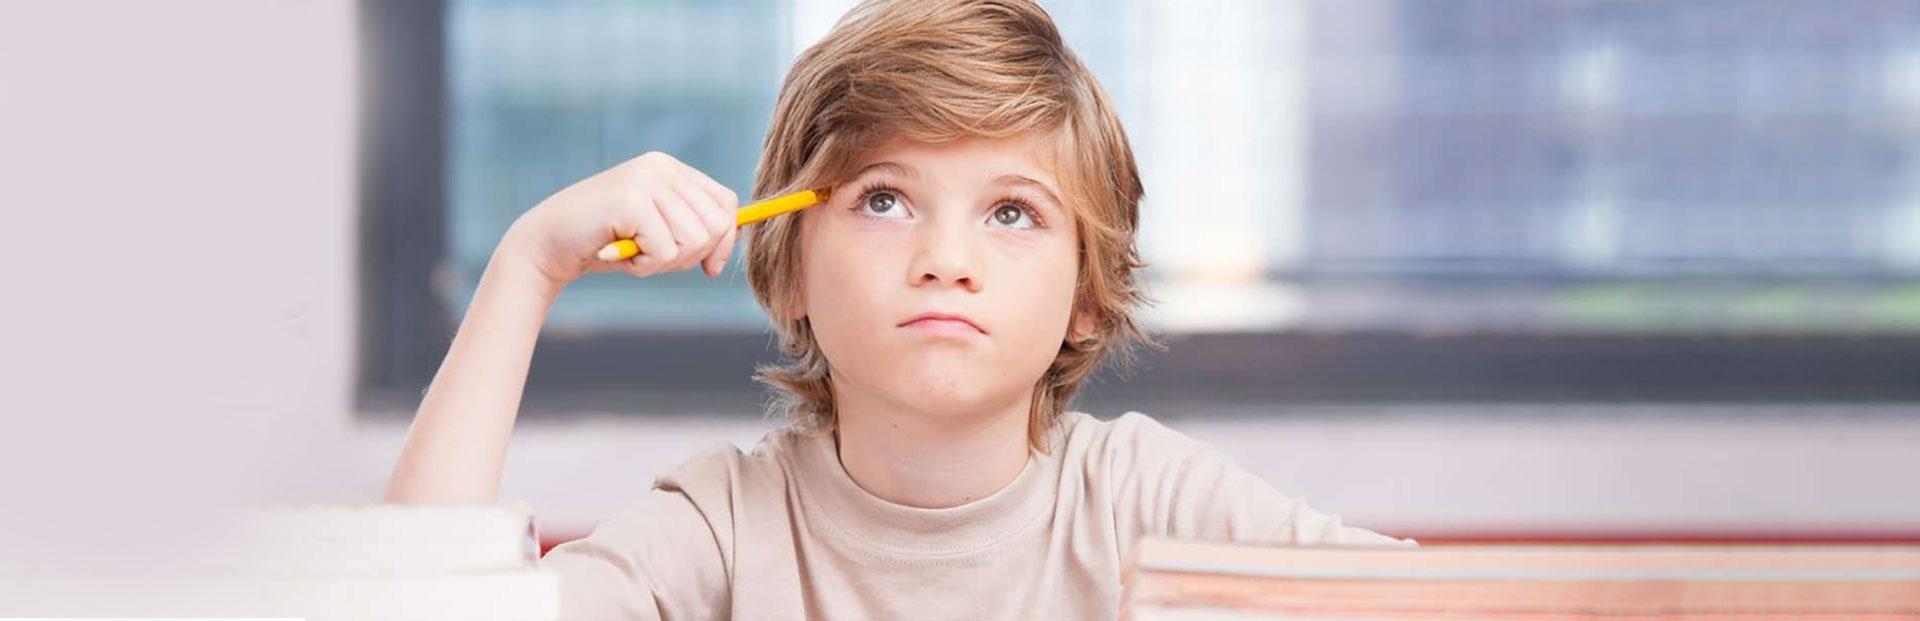 Як повернути дитині інтерес до навчання?